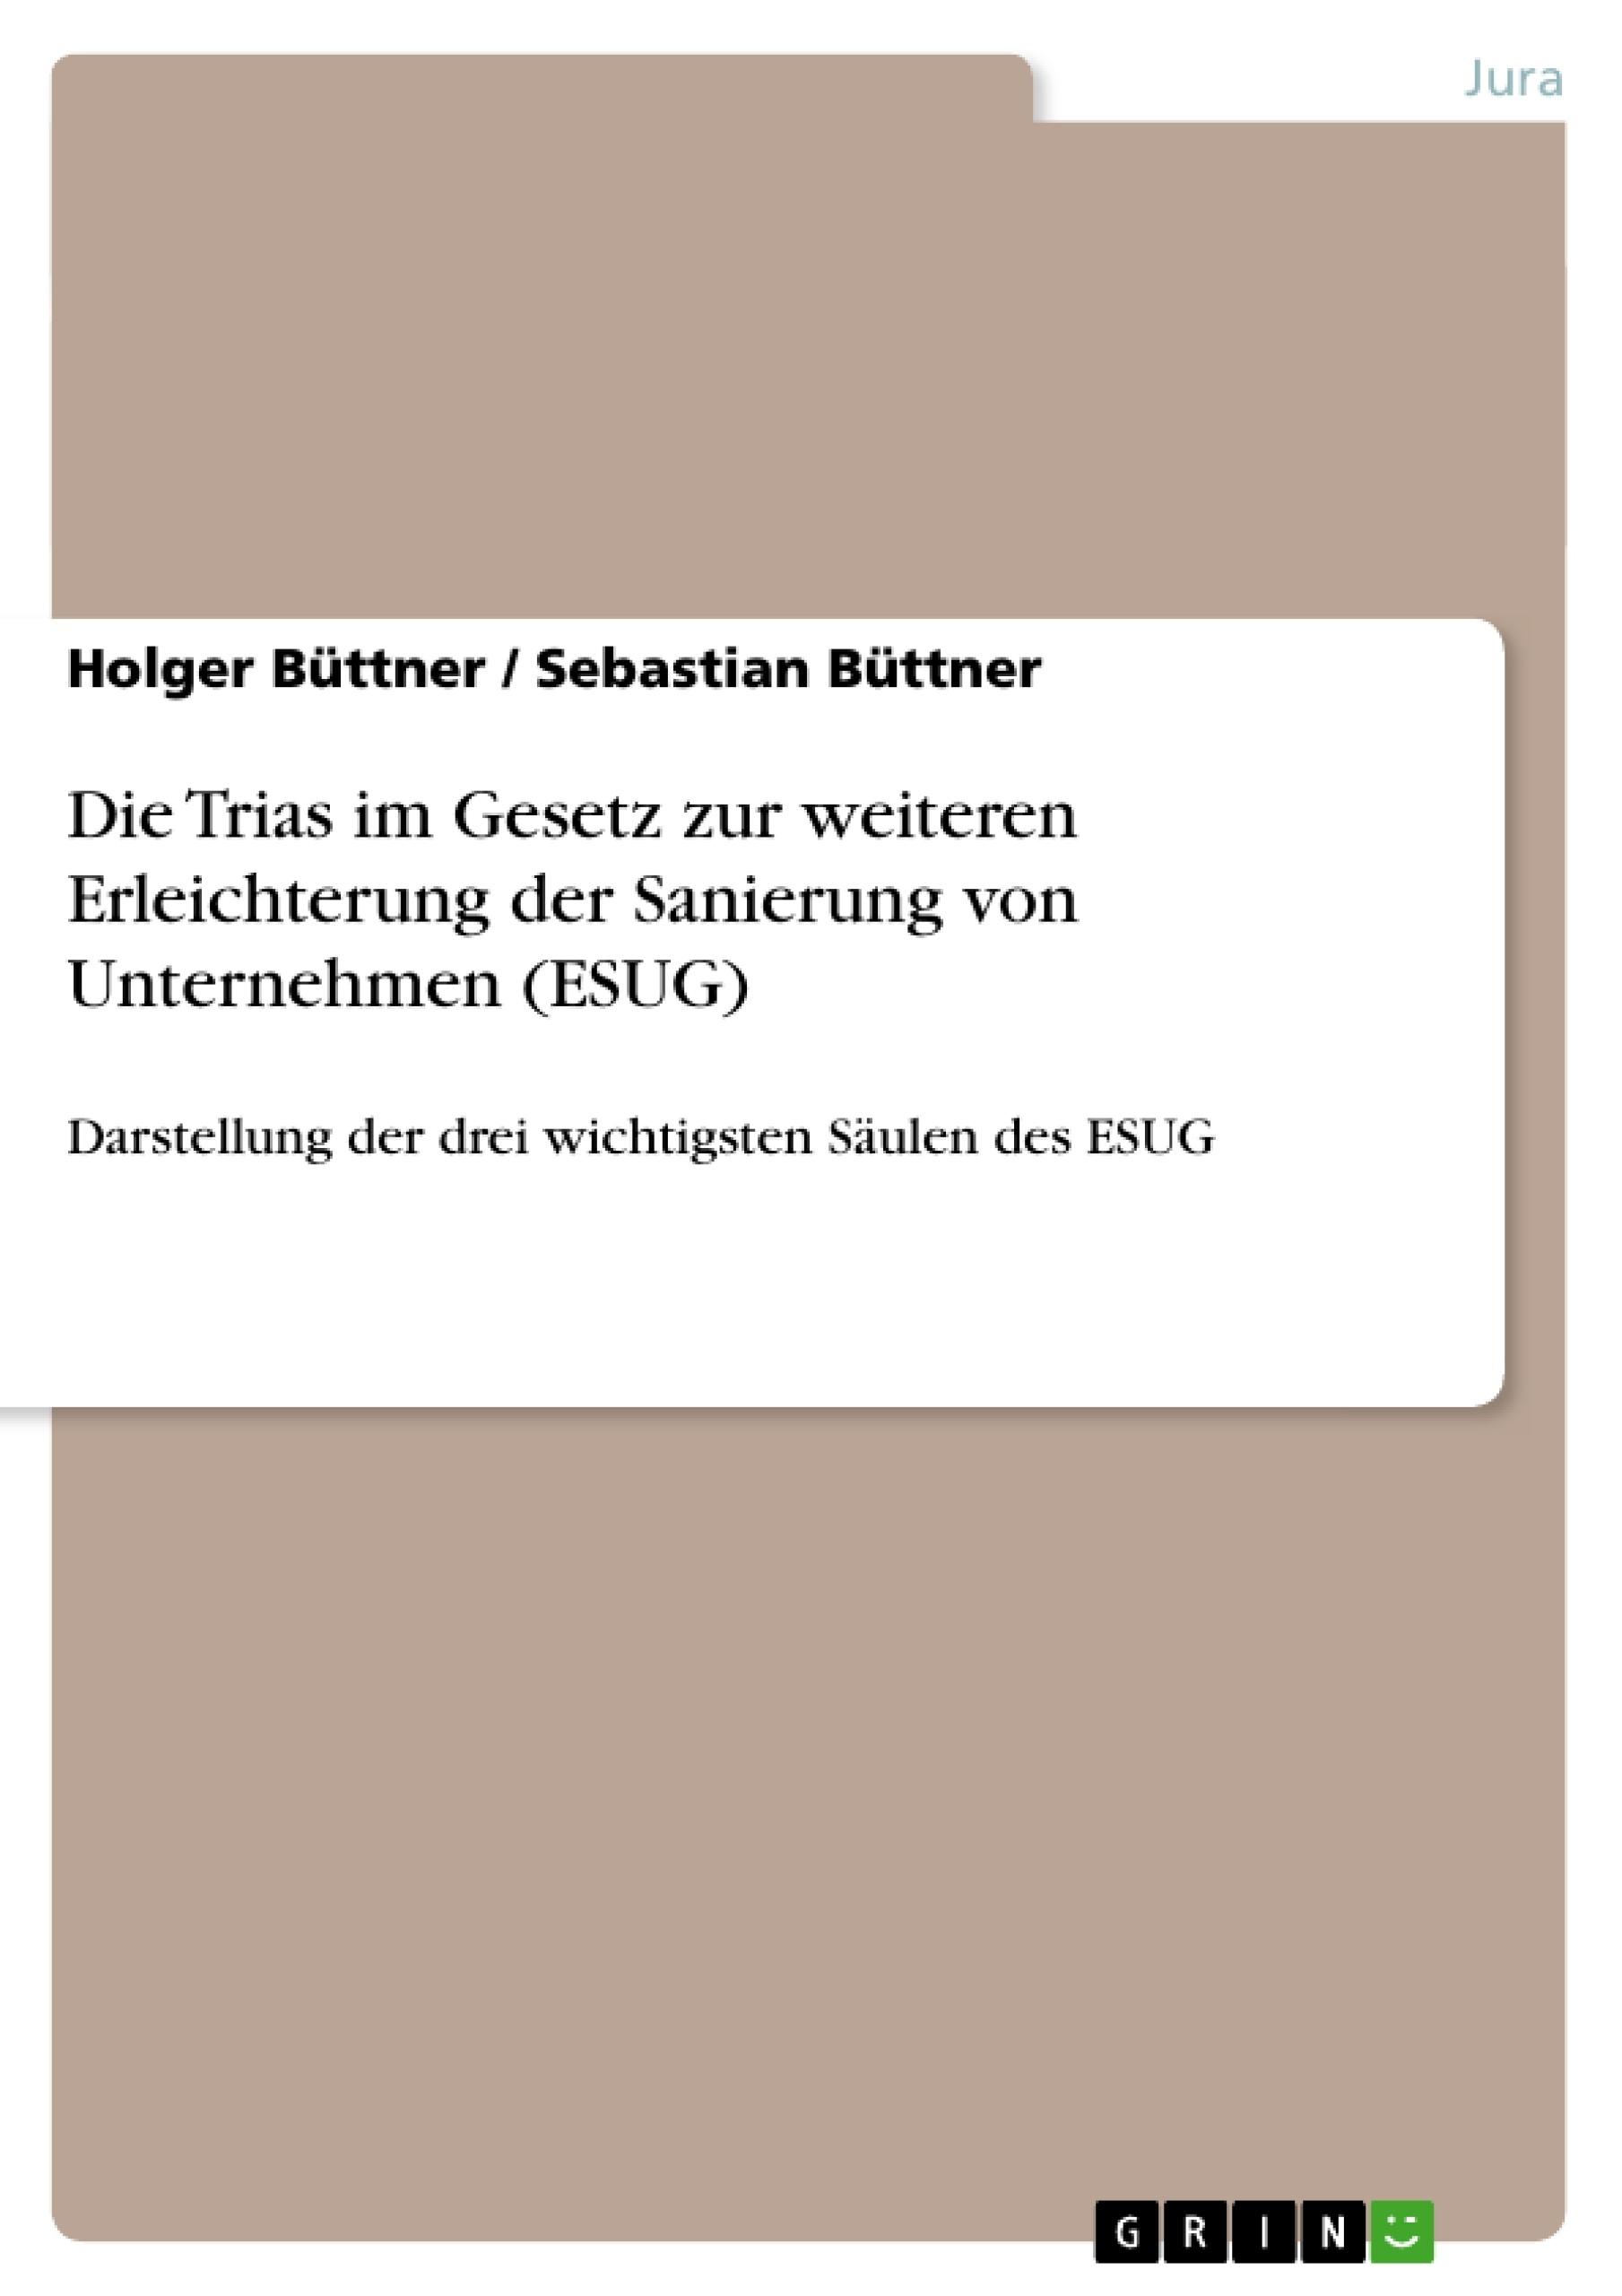 Titel: Die Trias im Gesetz zur weiteren Erleichterung der Sanierung von Unternehmen (ESUG)